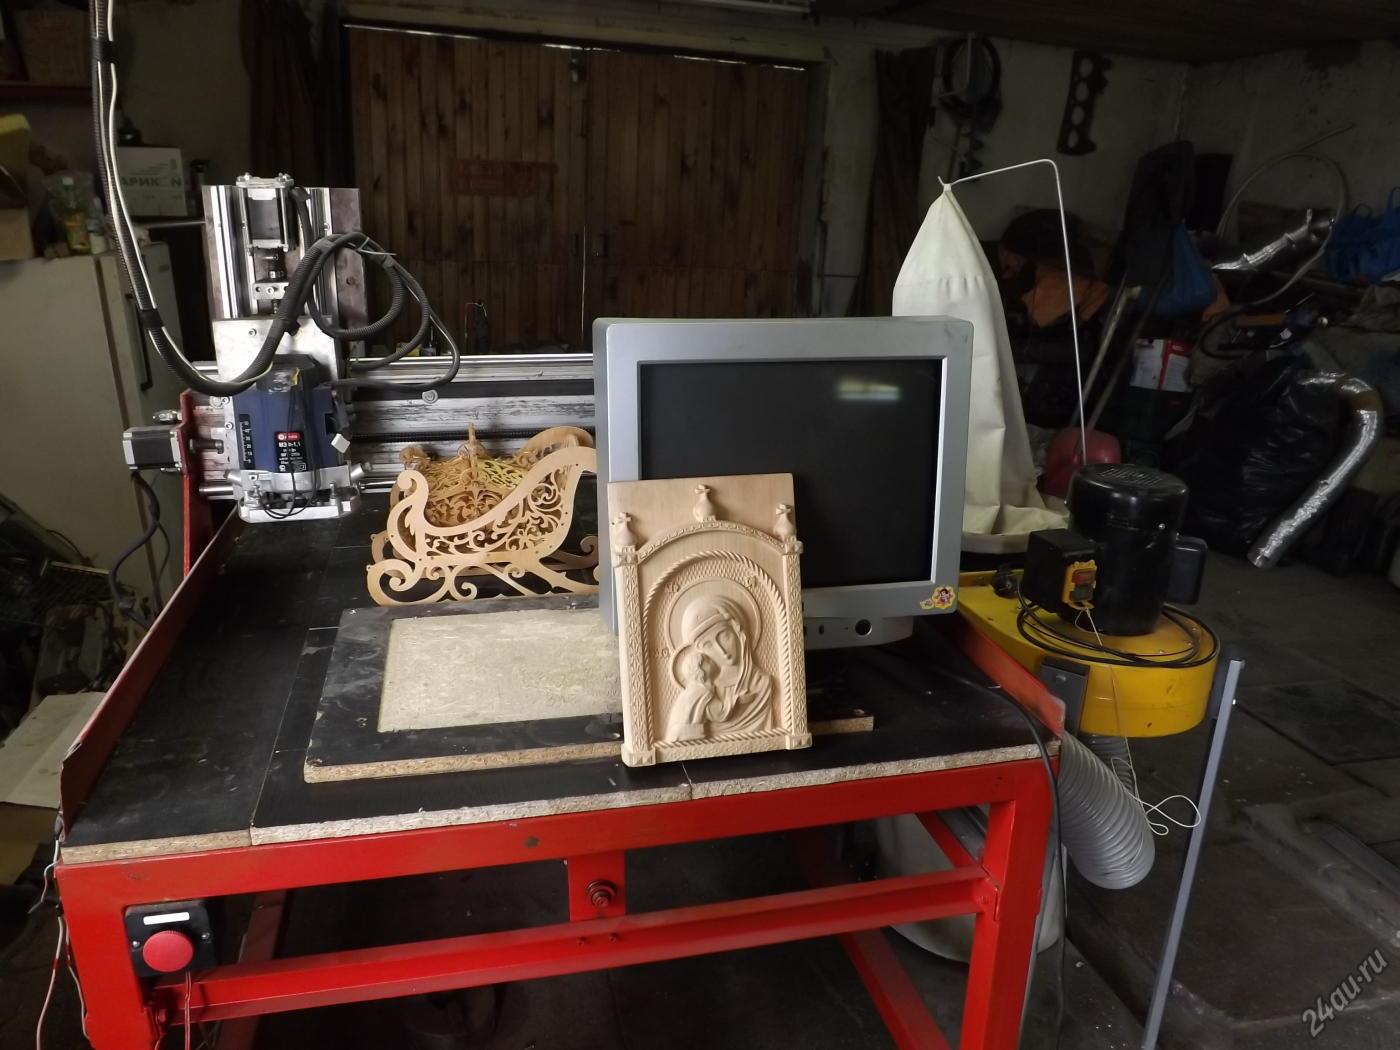 Фрезерные станки по дереву с чпу (42 фото): настольные и 3d-фрезеры, копировальные и мини-фрезеры, другие модели. как сделать их своими руками?